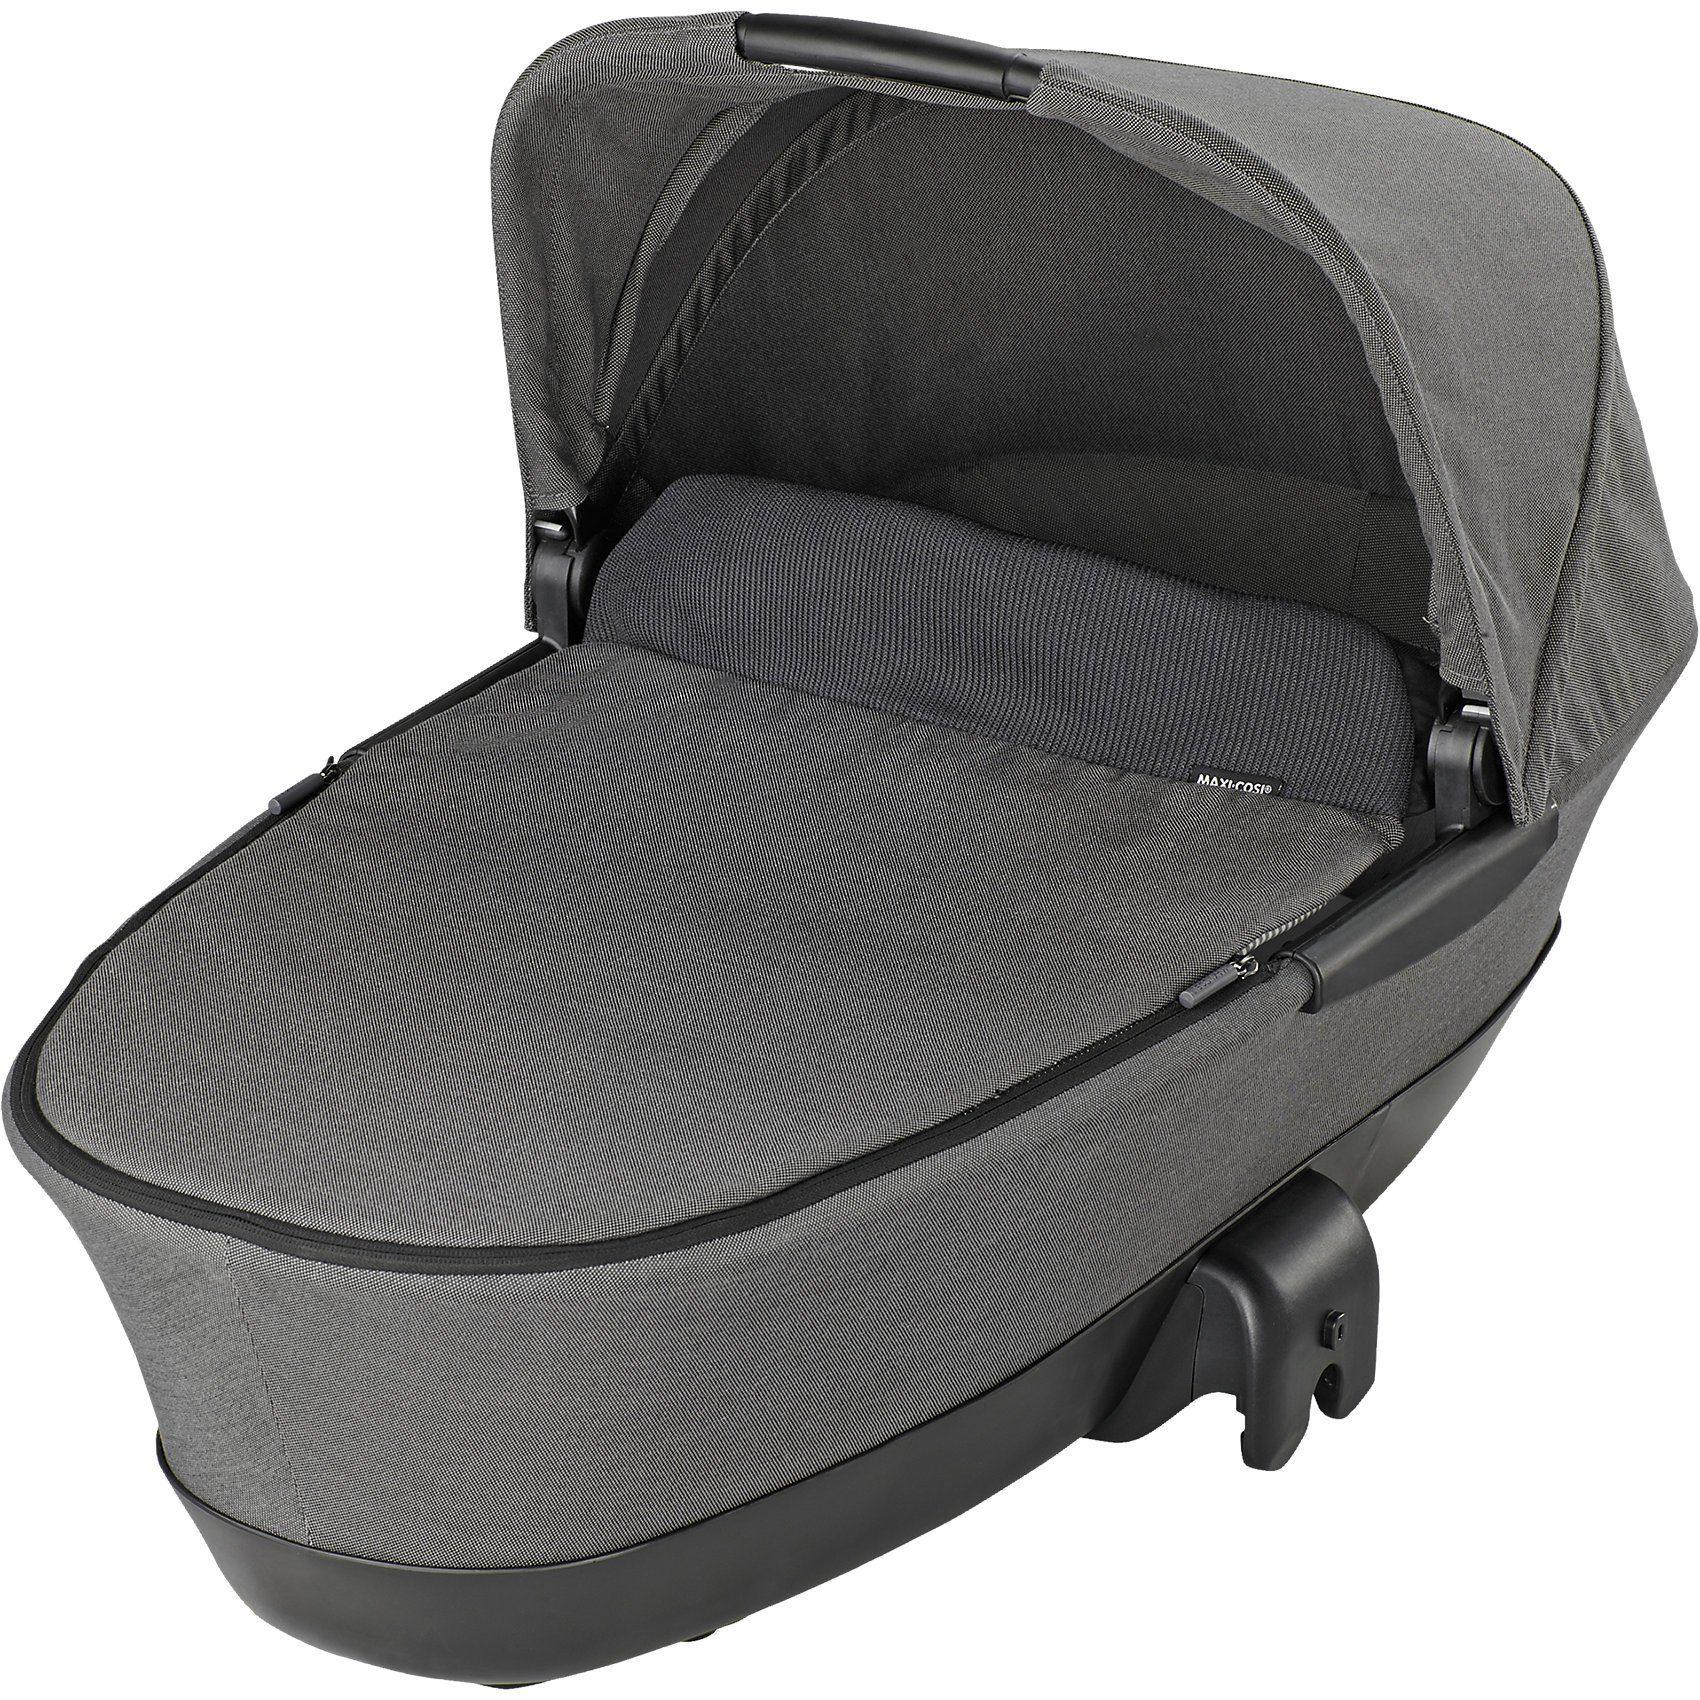 Maxi-Cosi Kinderwagenaufsatz für Dana, Mura und Mura Plus 4, faltbar,